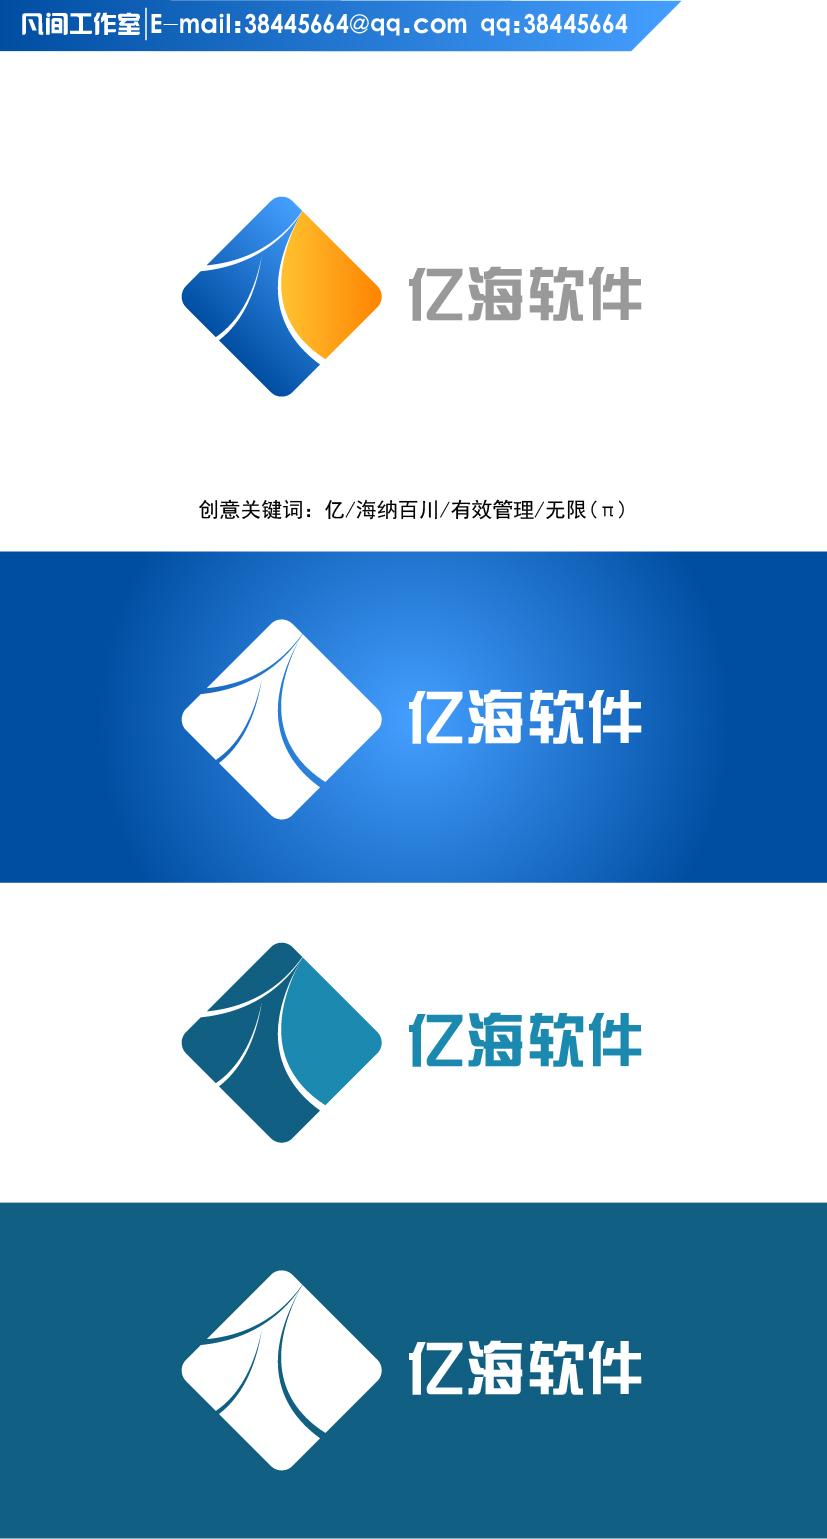 镇江亿海软件有限公司LOGO设计 我公司是从事船舶与工业自动化设备研制、生产的高科技企业。在工程船舶自动控制软件、舰船装备综合保障软件的开发方面处于国内领先地位。 一、设计要求 1.创意不作任何限制,希望提供两套配色方案供选择,其中一种以蓝色色调为主 2.LOGO应简洁明了,色调协调,并能充分体现公司的行业特征(船舶) 3.